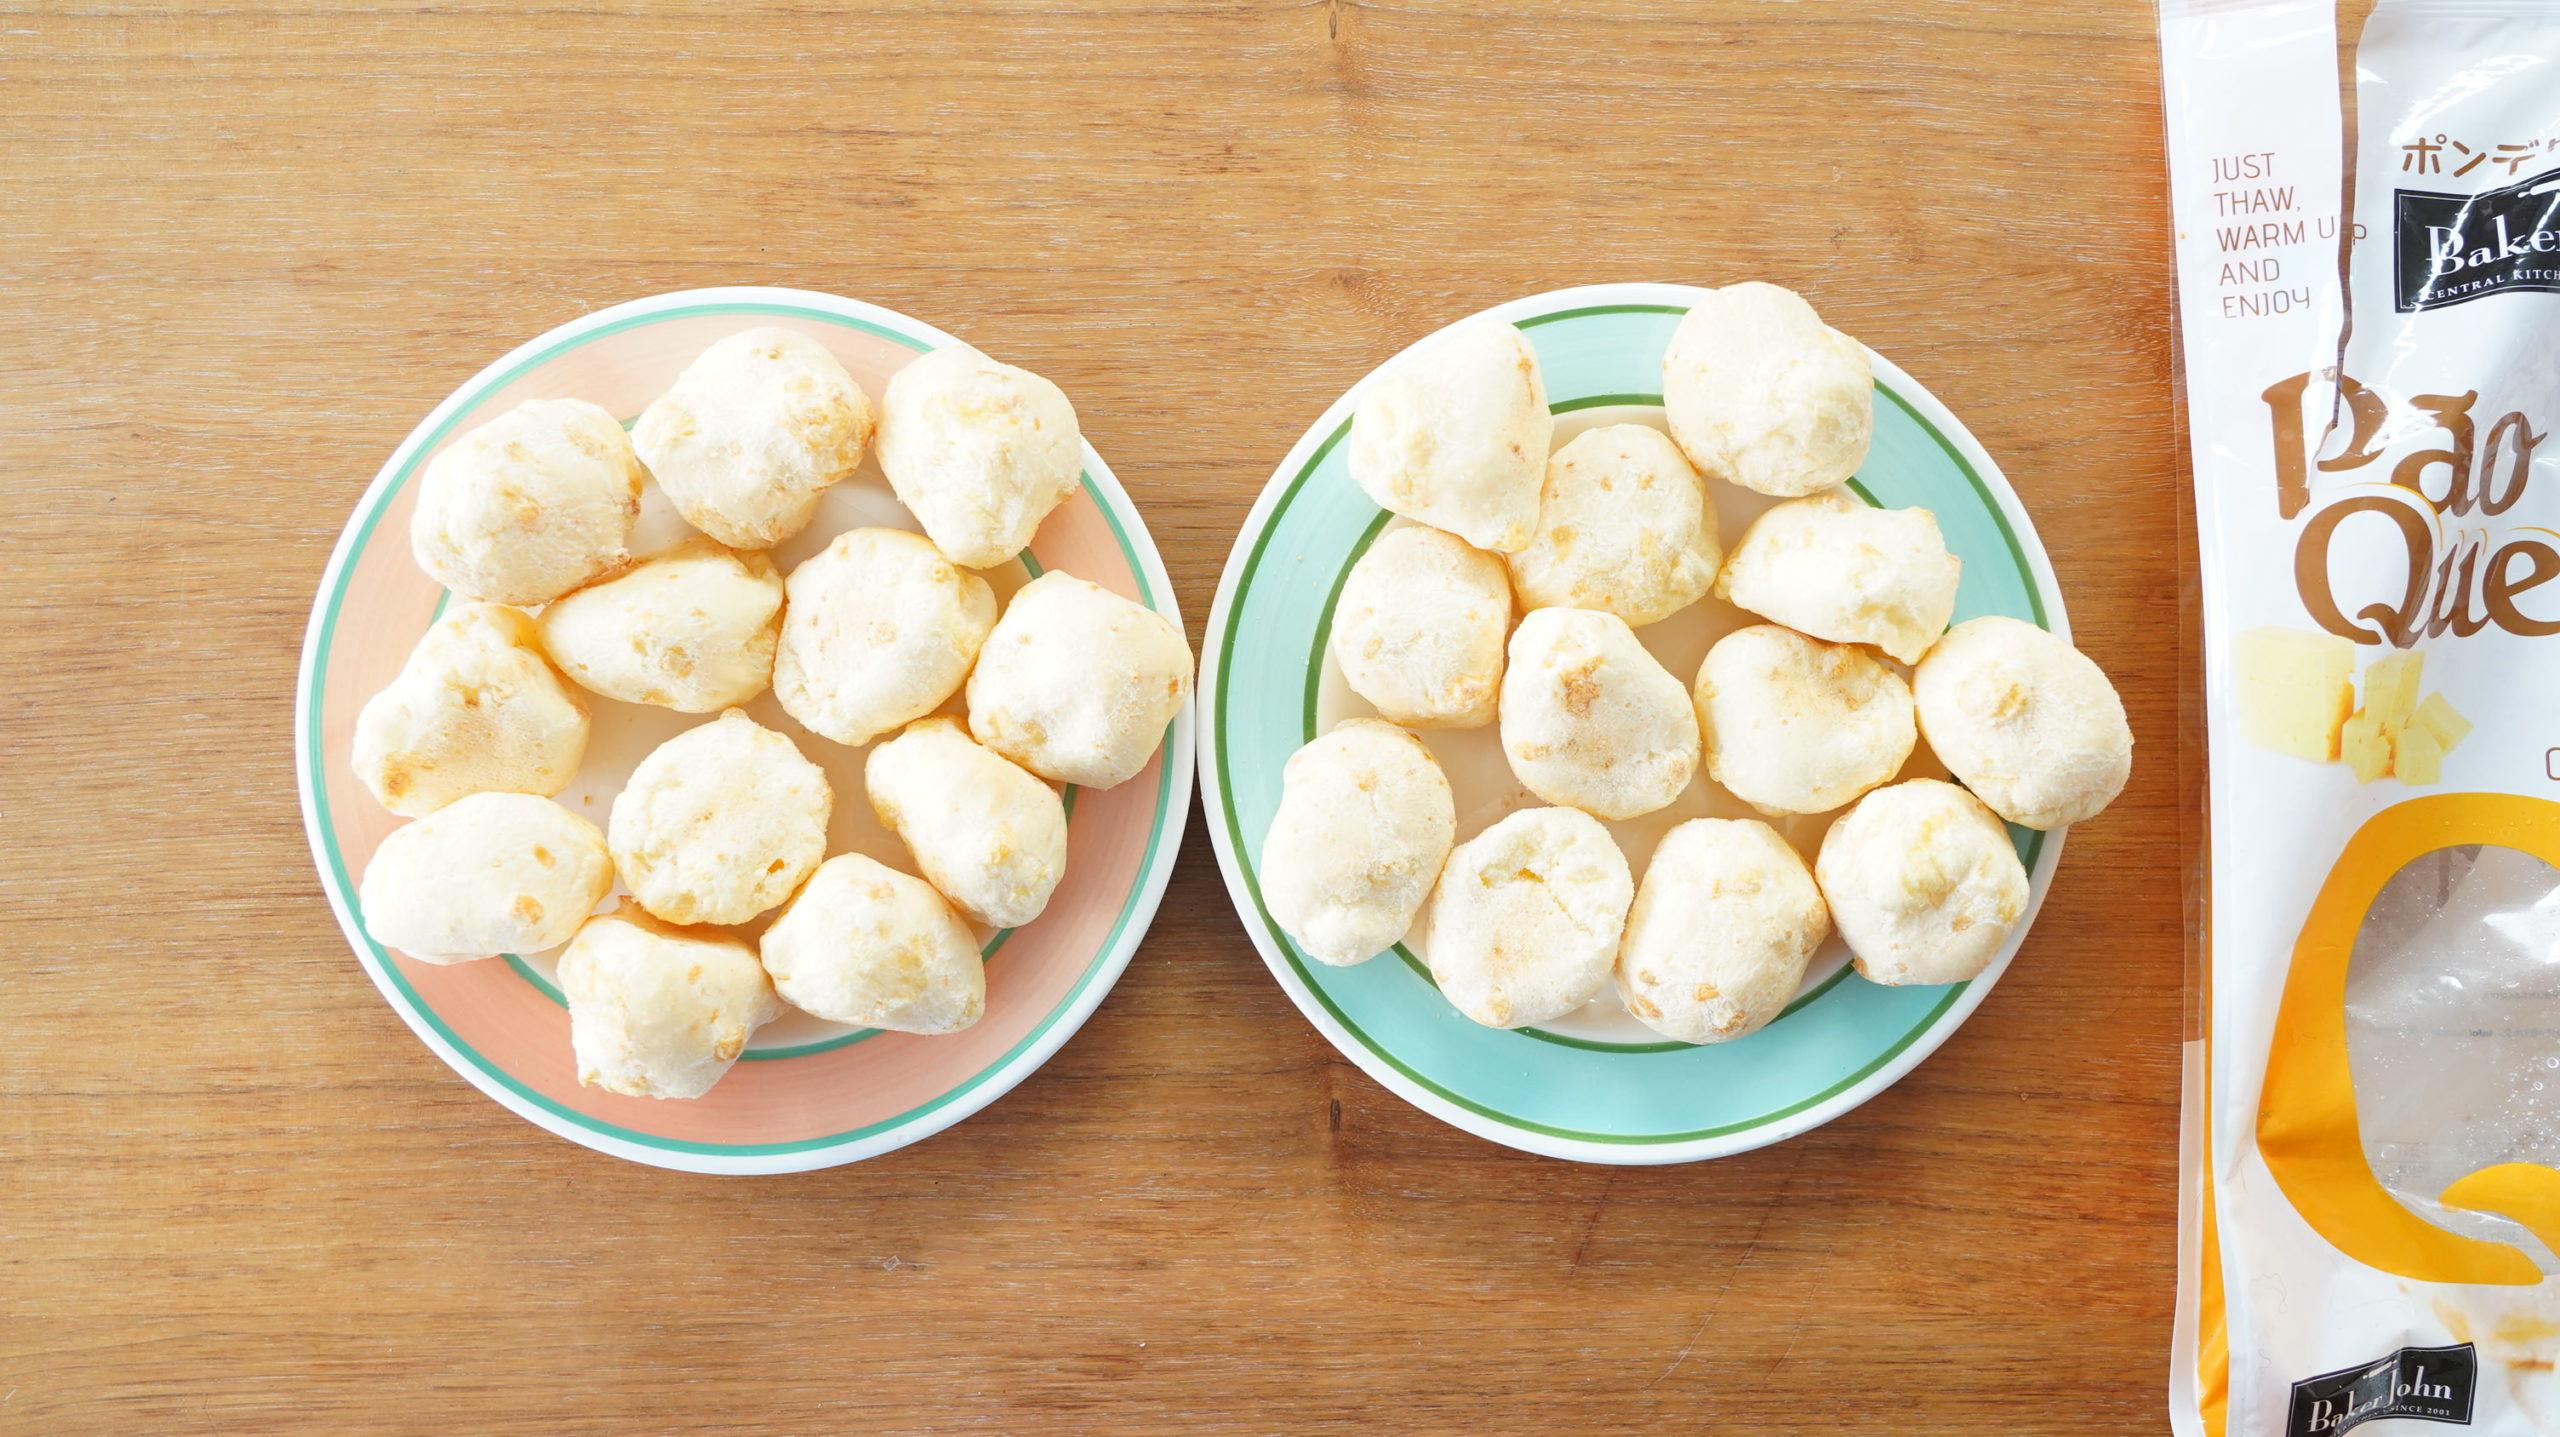 コストコの冷凍食品「ポン・デ・ケージョ」の中身が24個入っていることを確認している写真